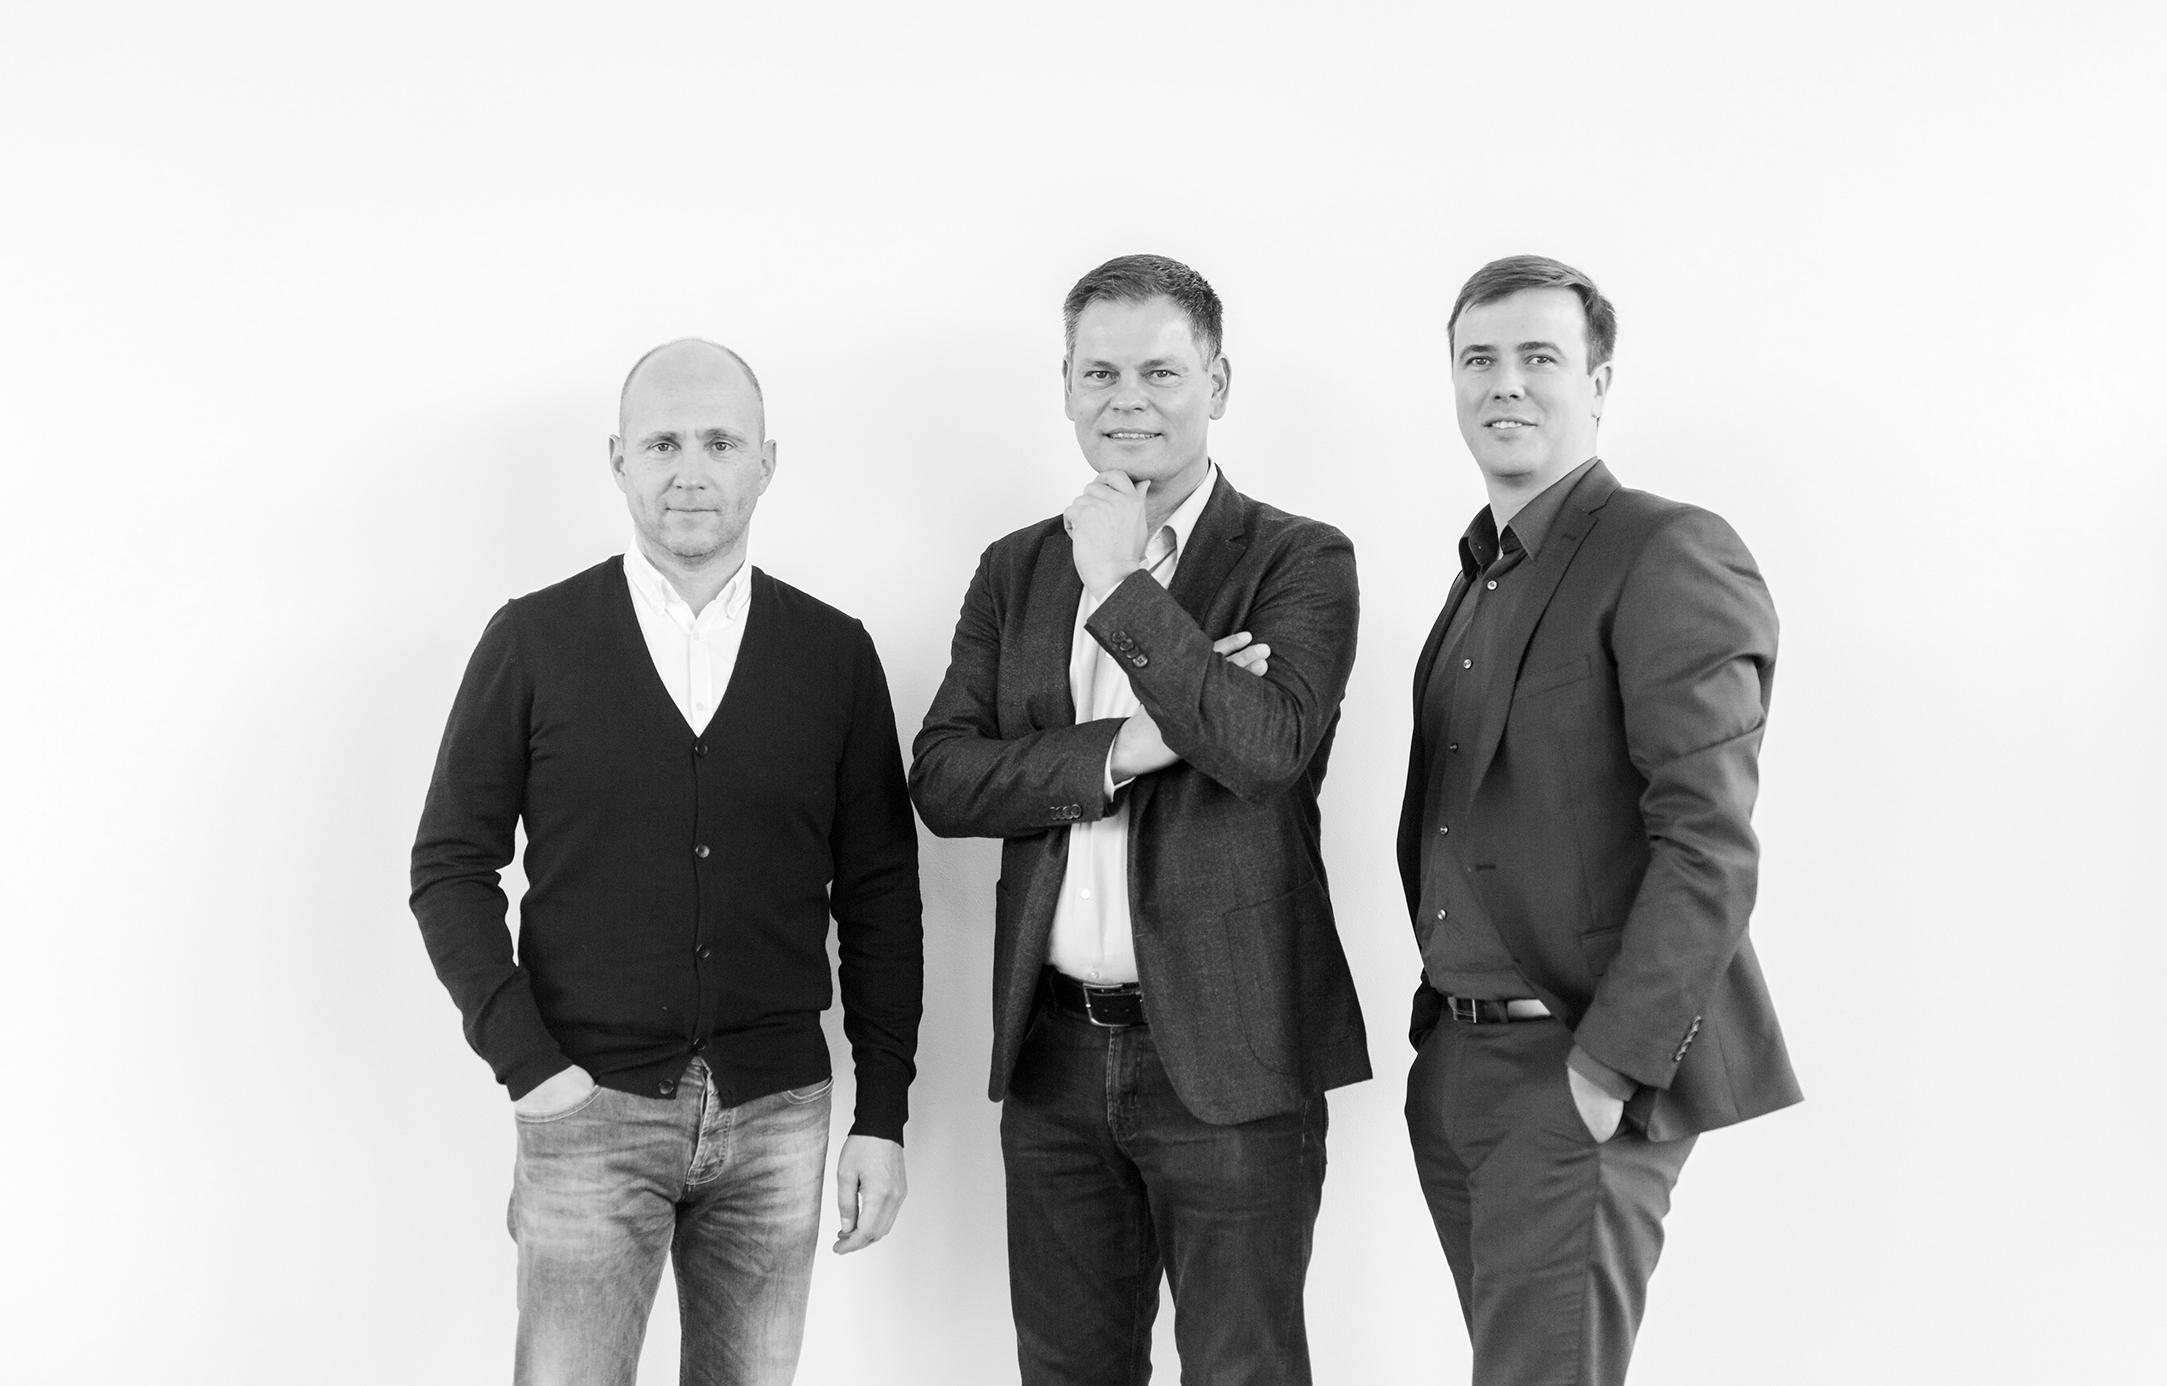 Unternehmen • PSG property service group